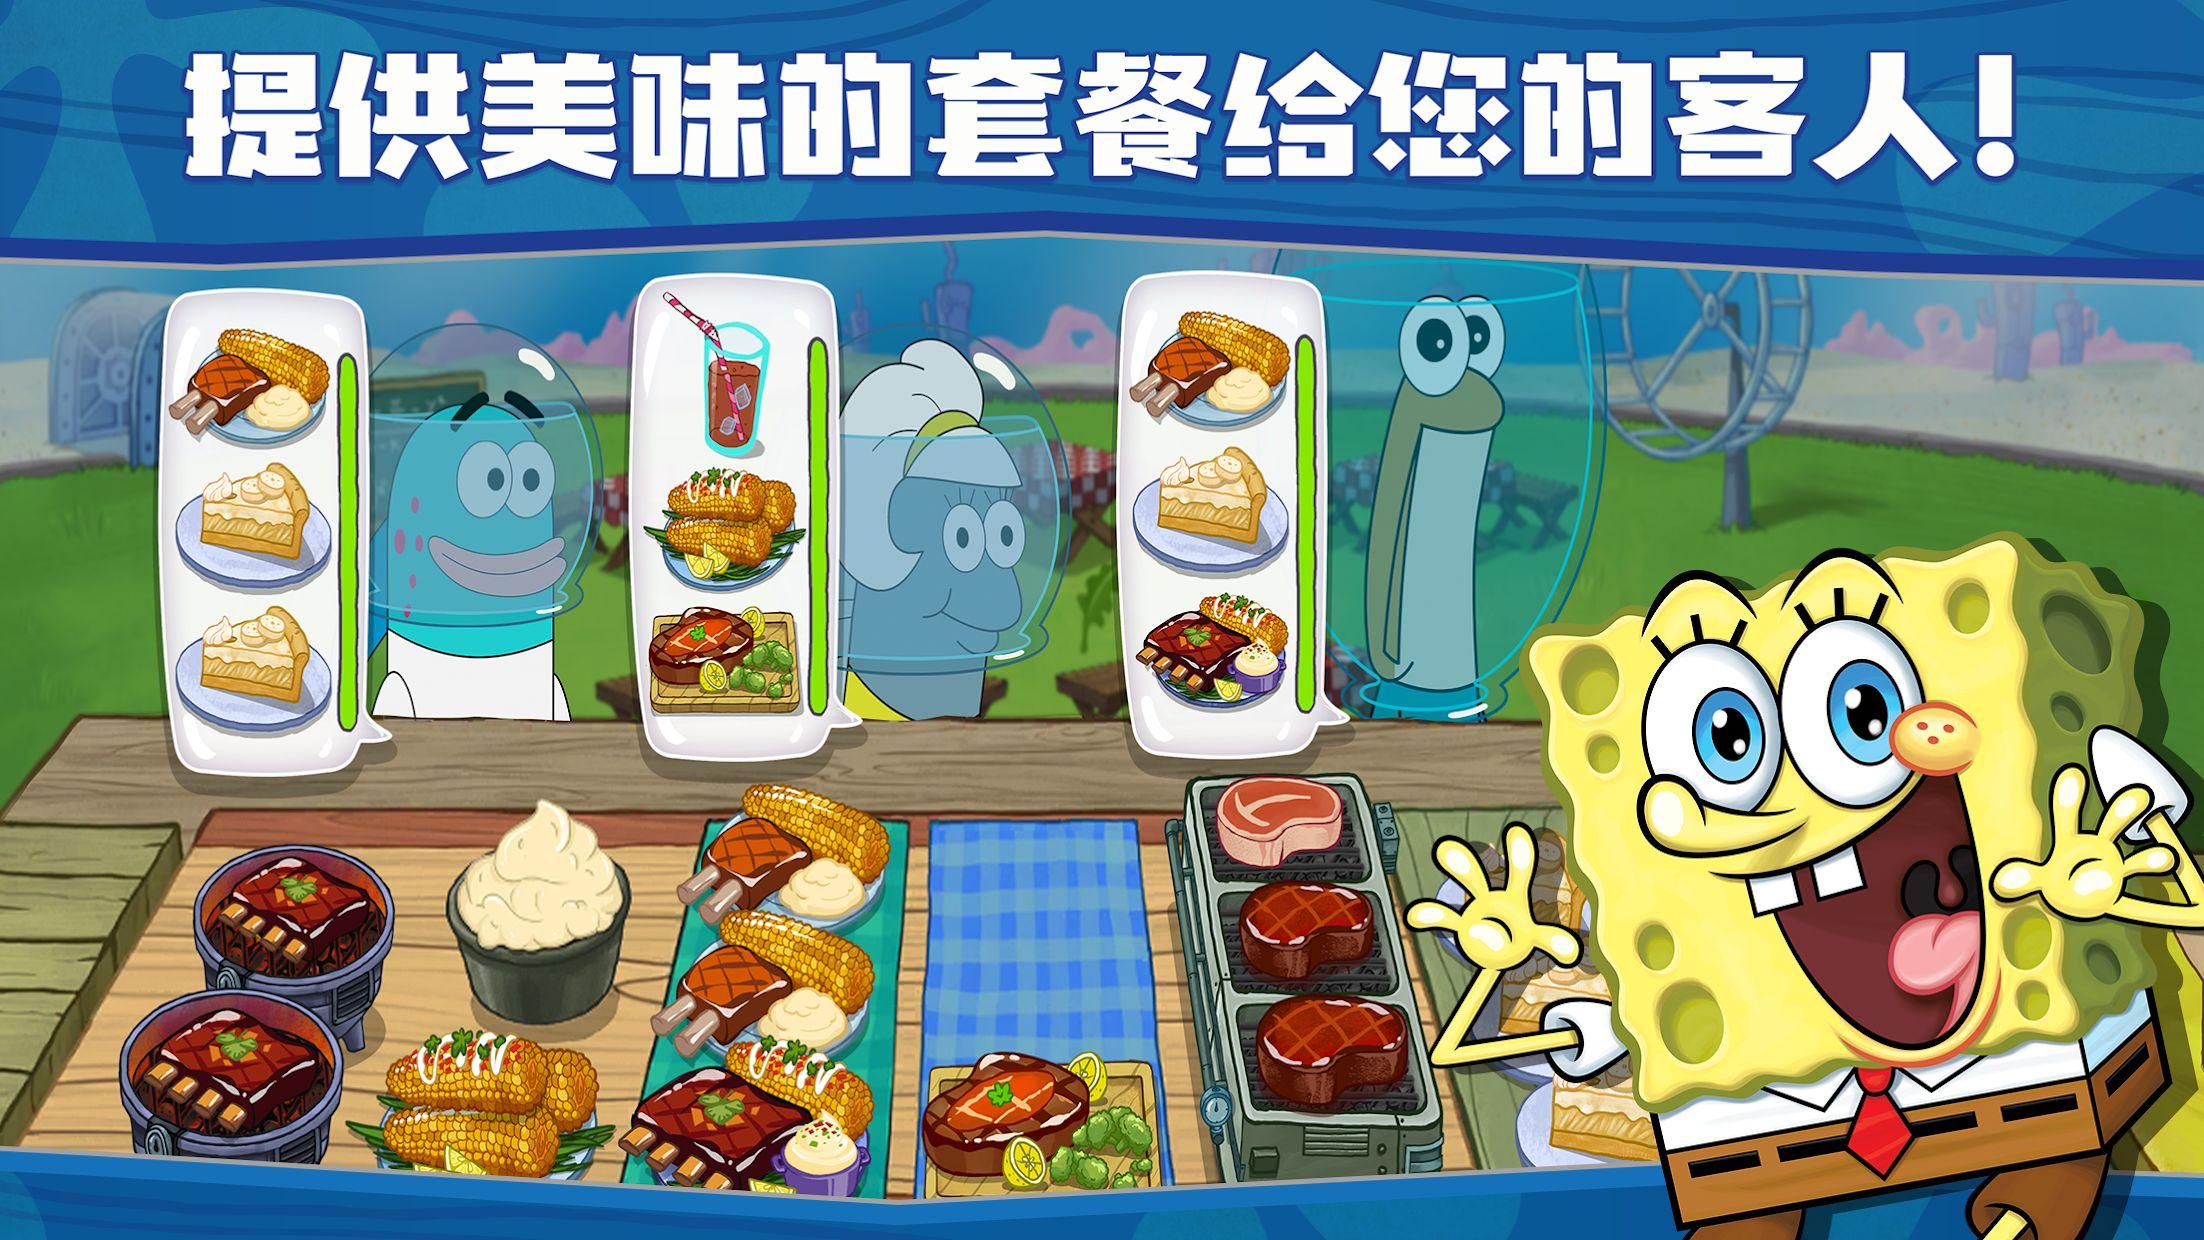 海绵宝宝: 大闹蟹堡王 游戏截图1